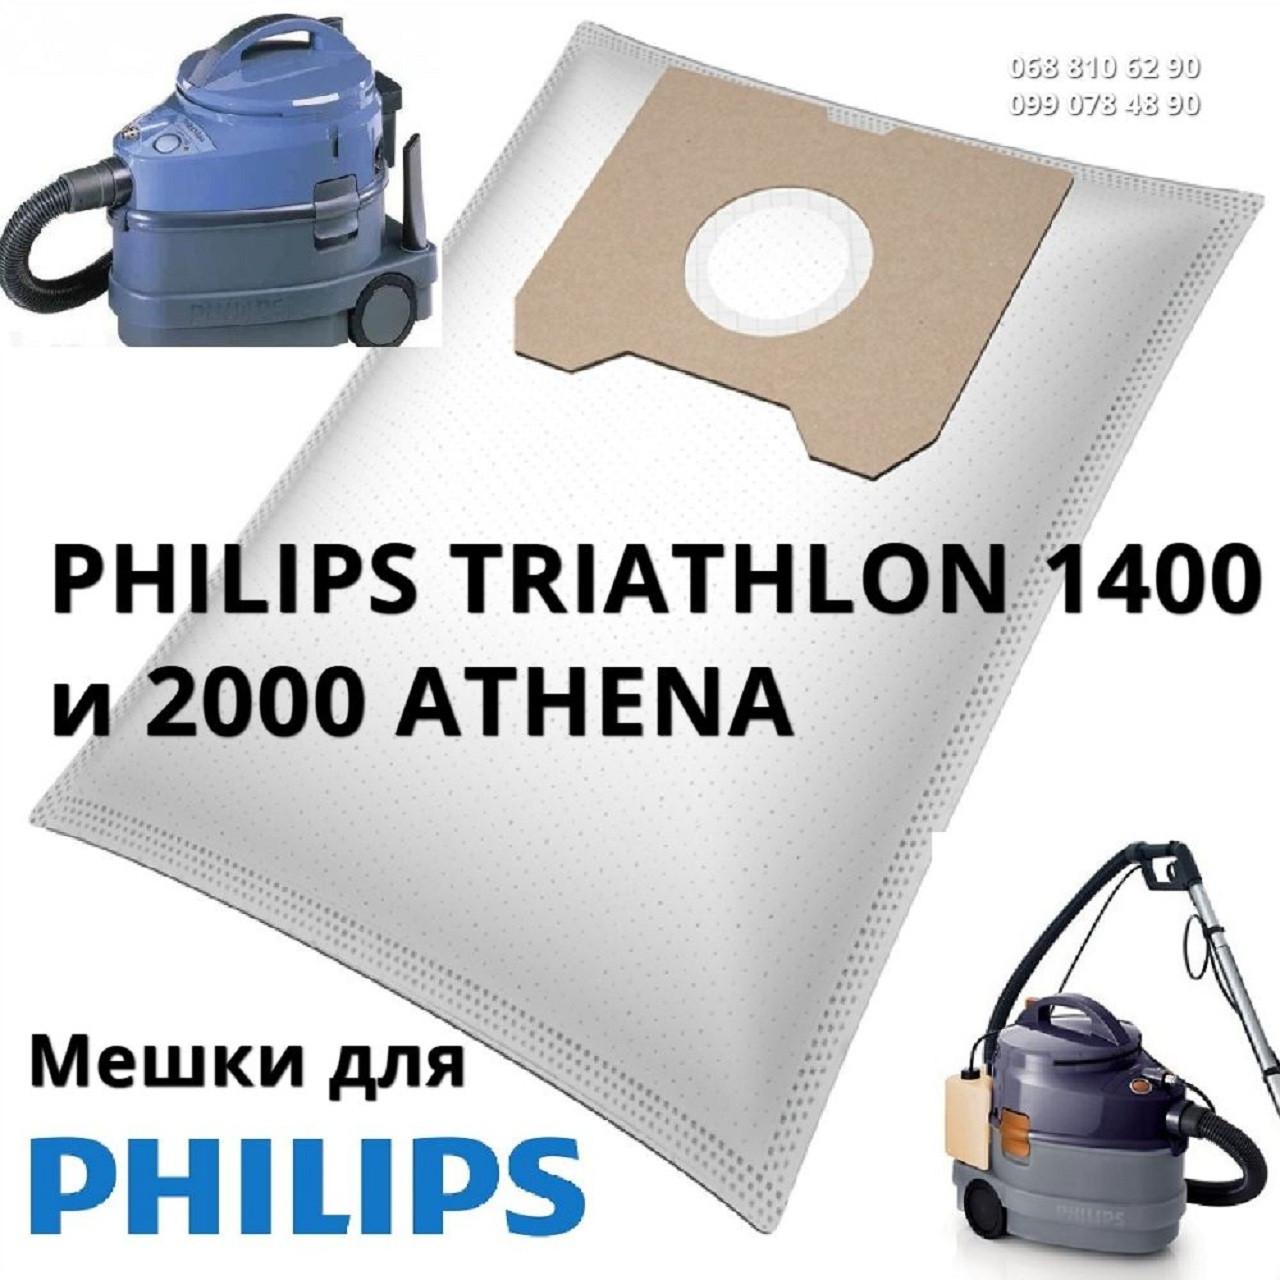 Мешки Филипс Триатлон 2000 и 1400 в комплекте Worwo PMB01K для моющего пылесоса сухой и влажной уборки Athena